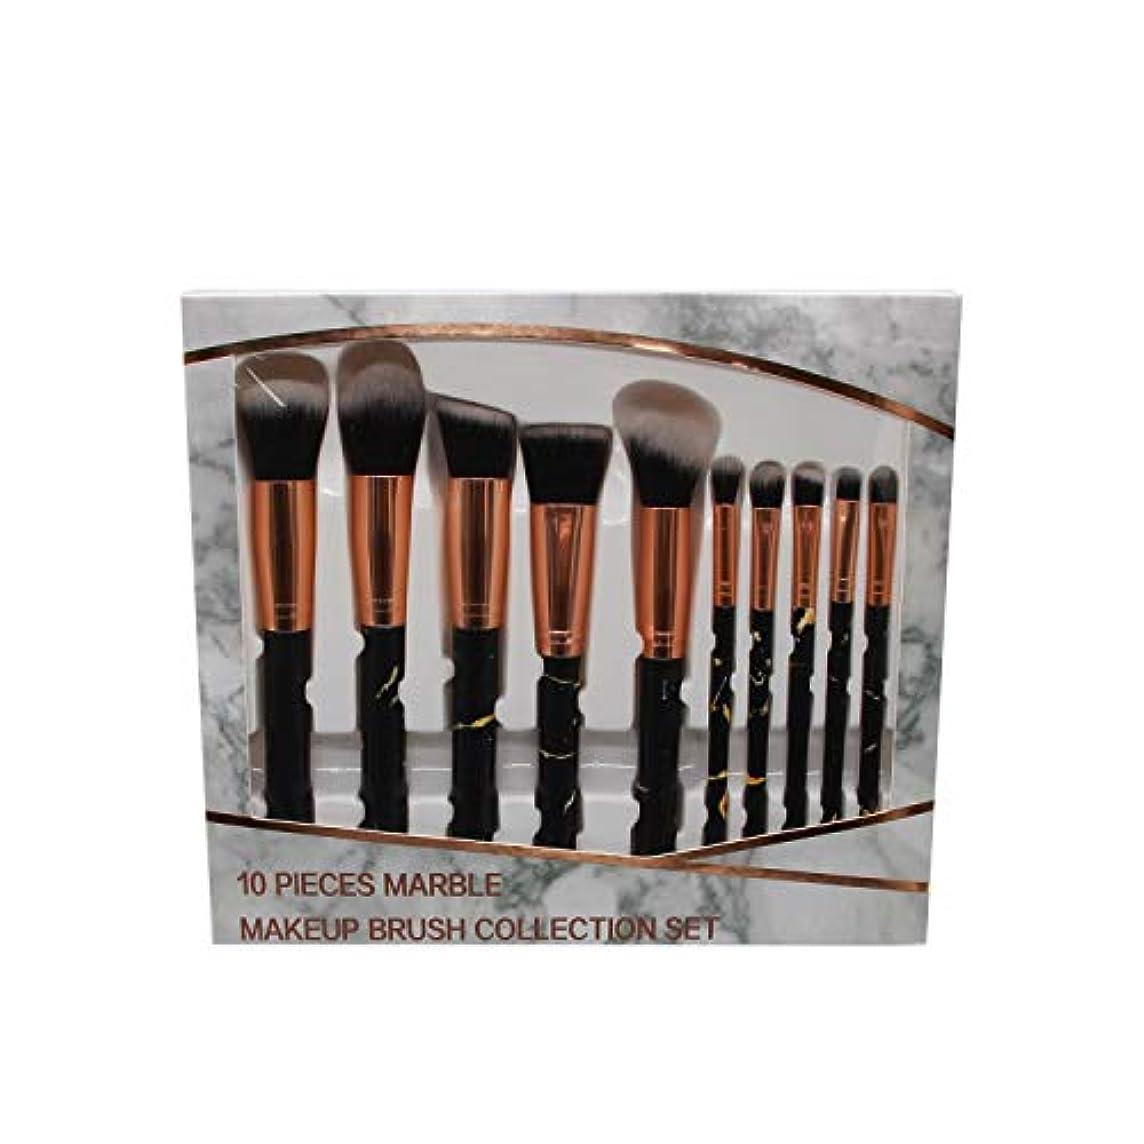 集中的な受付秘書Makeup brushes 洗練された合成ファンデーションコンシーラーアイシャドウフェイシャルメイクアップブラシセット(10個)、マーブルメイクアップブラシセット suits (Color : Pink)